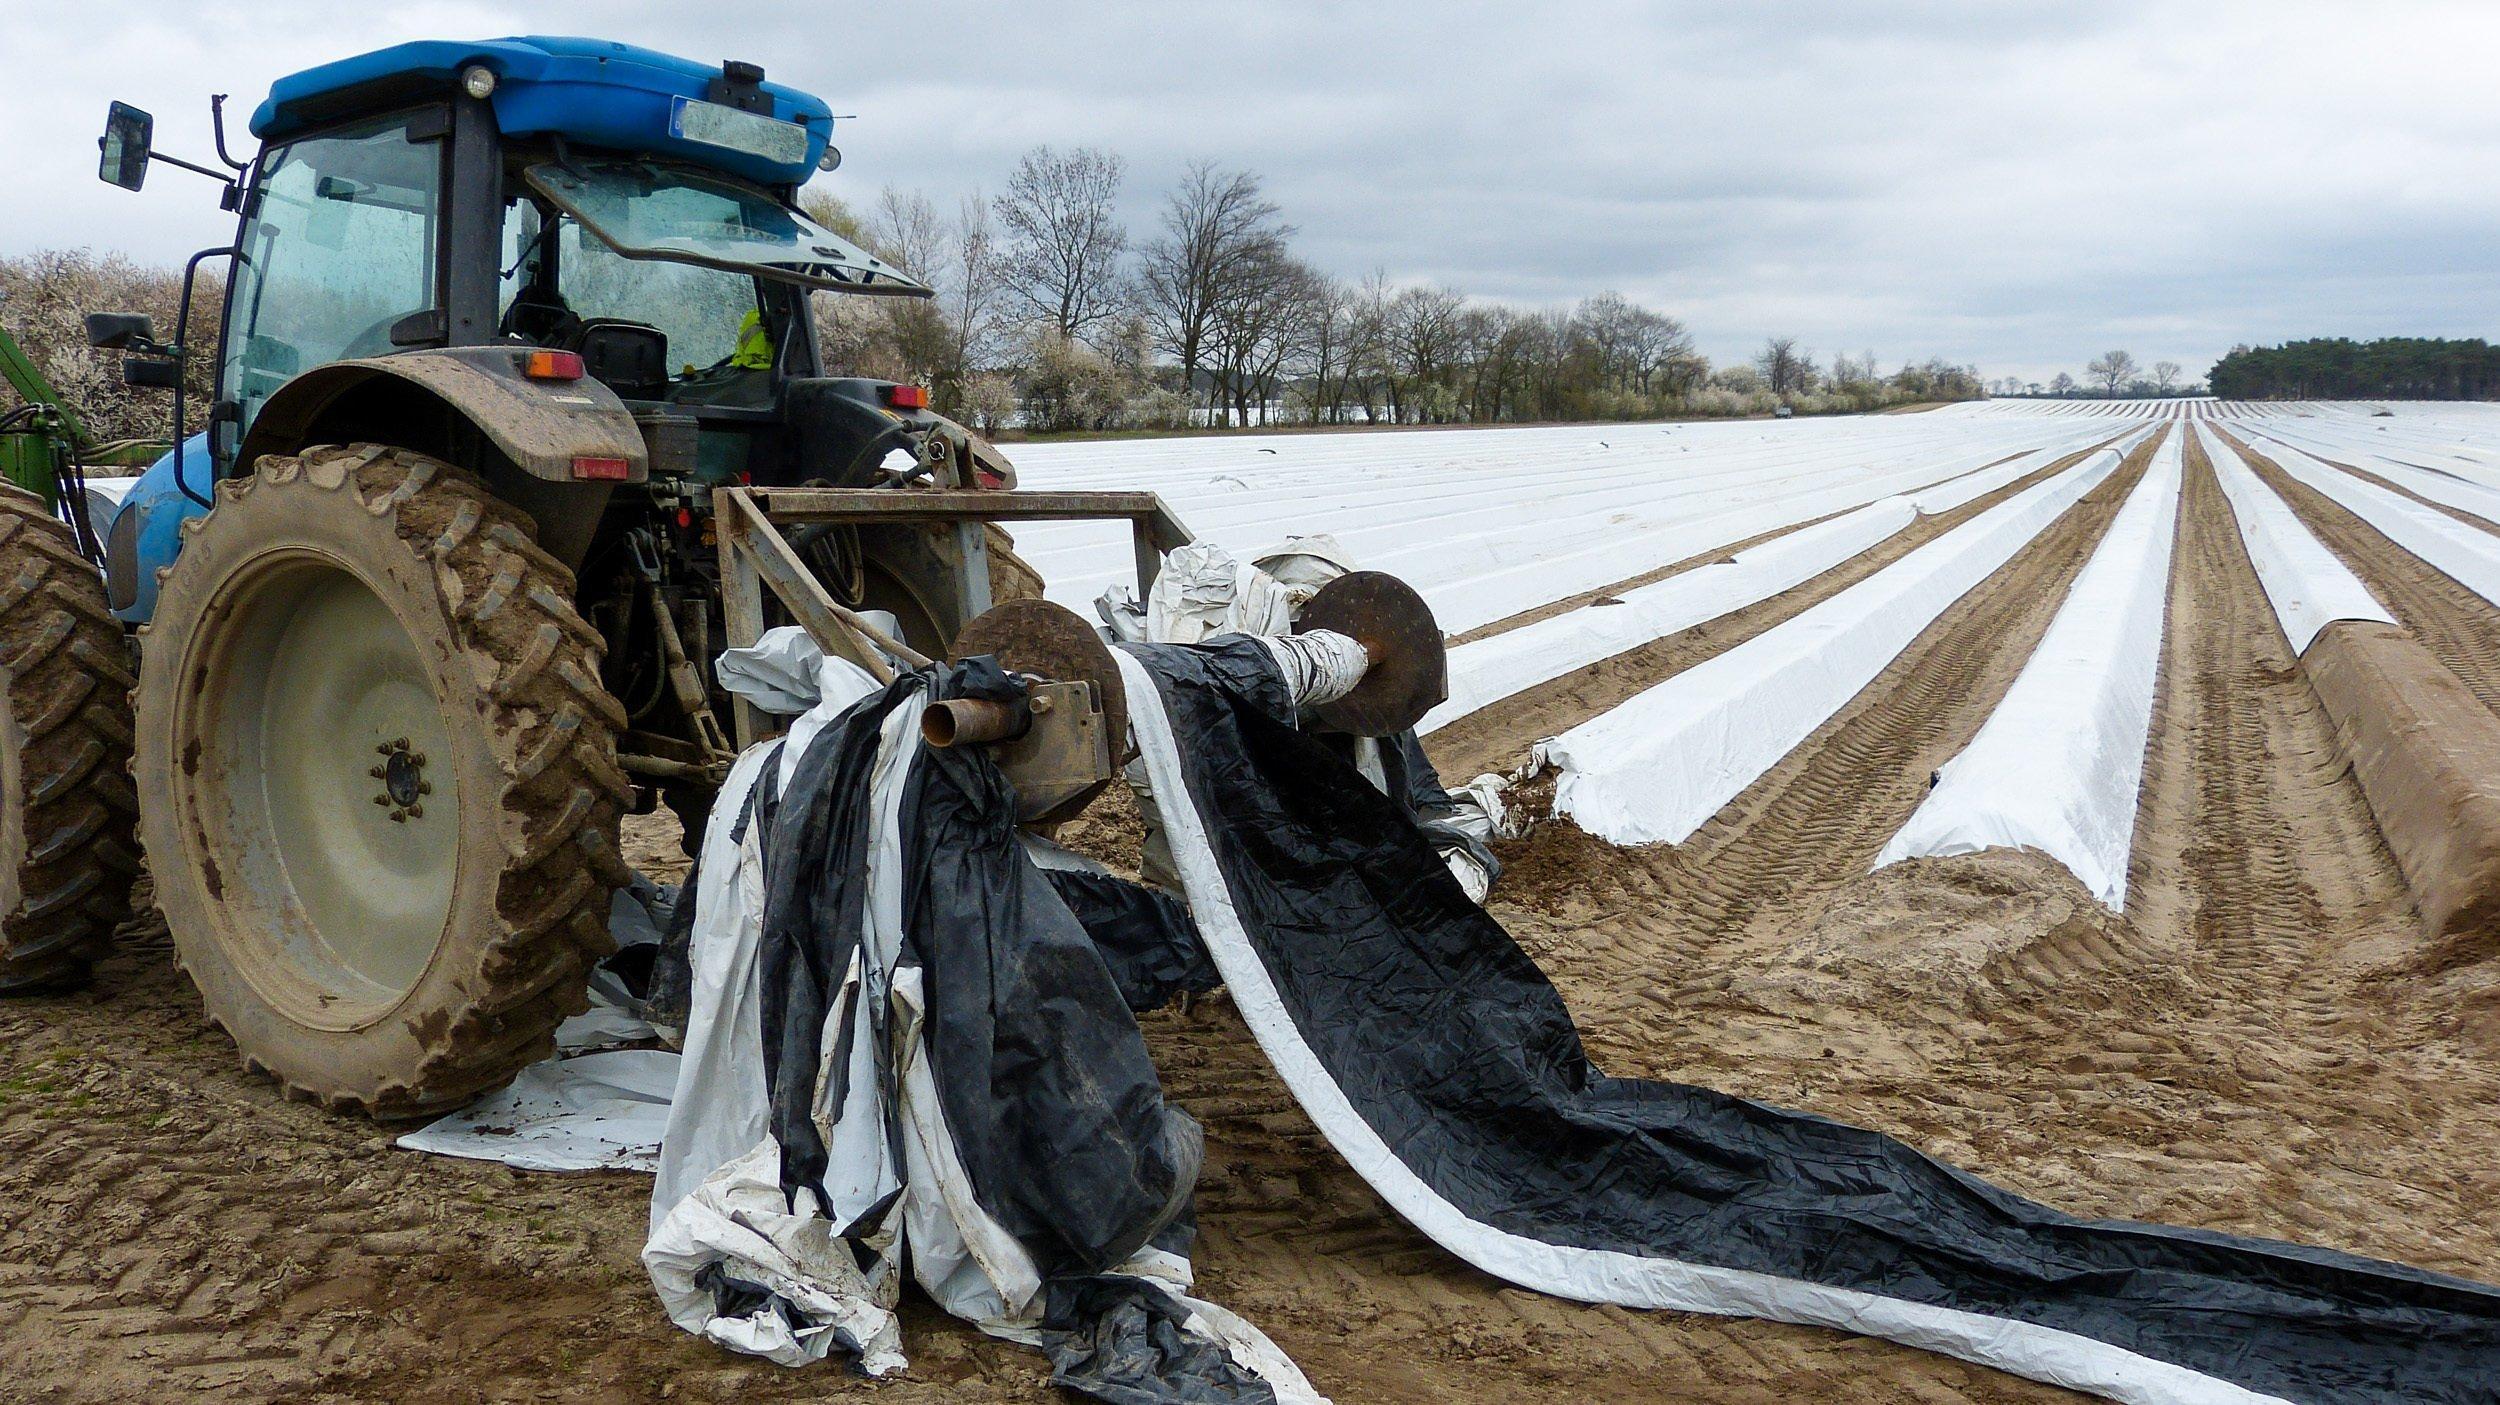 Ein Traktor steht vor einem Feld mit Erdwällen für den Spargelanbau, die mit langen Bahnen weißer Folie abgedeckt sind.